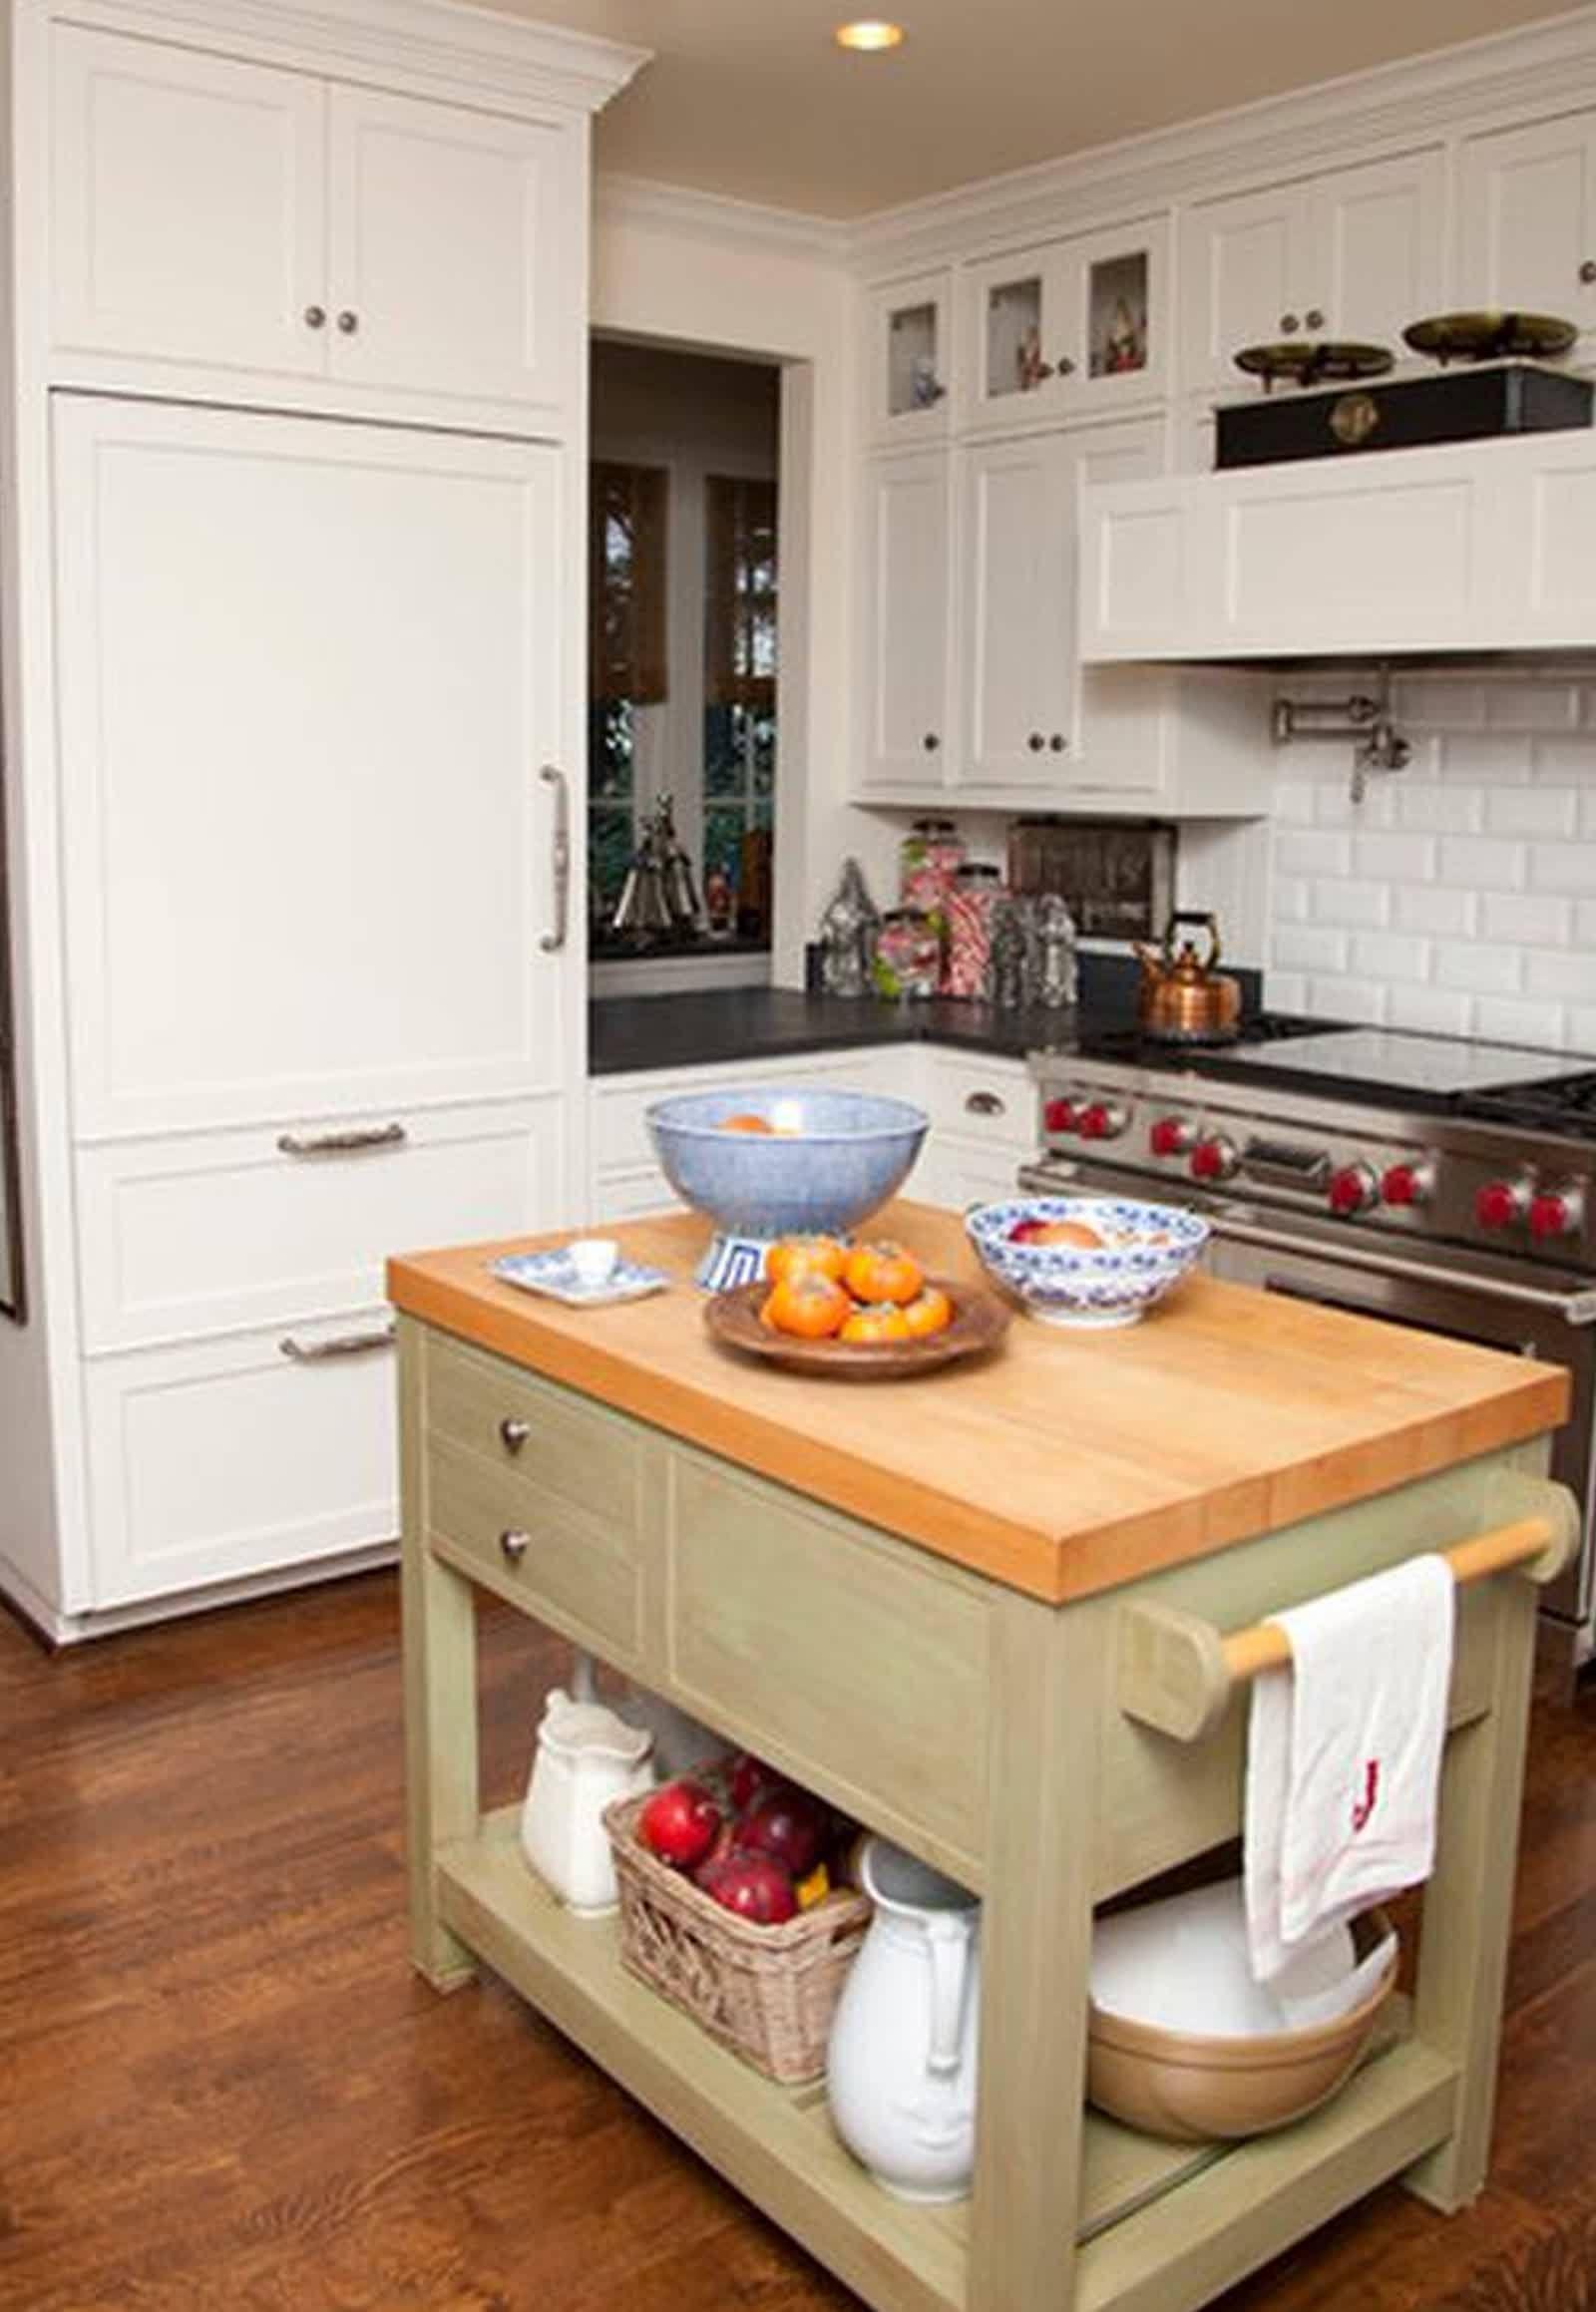 Kitchen Ideas With Island Kitchen Island With Seating And Sink Small Kitchen Island Kitchen Island Design Diy Kitchen Island